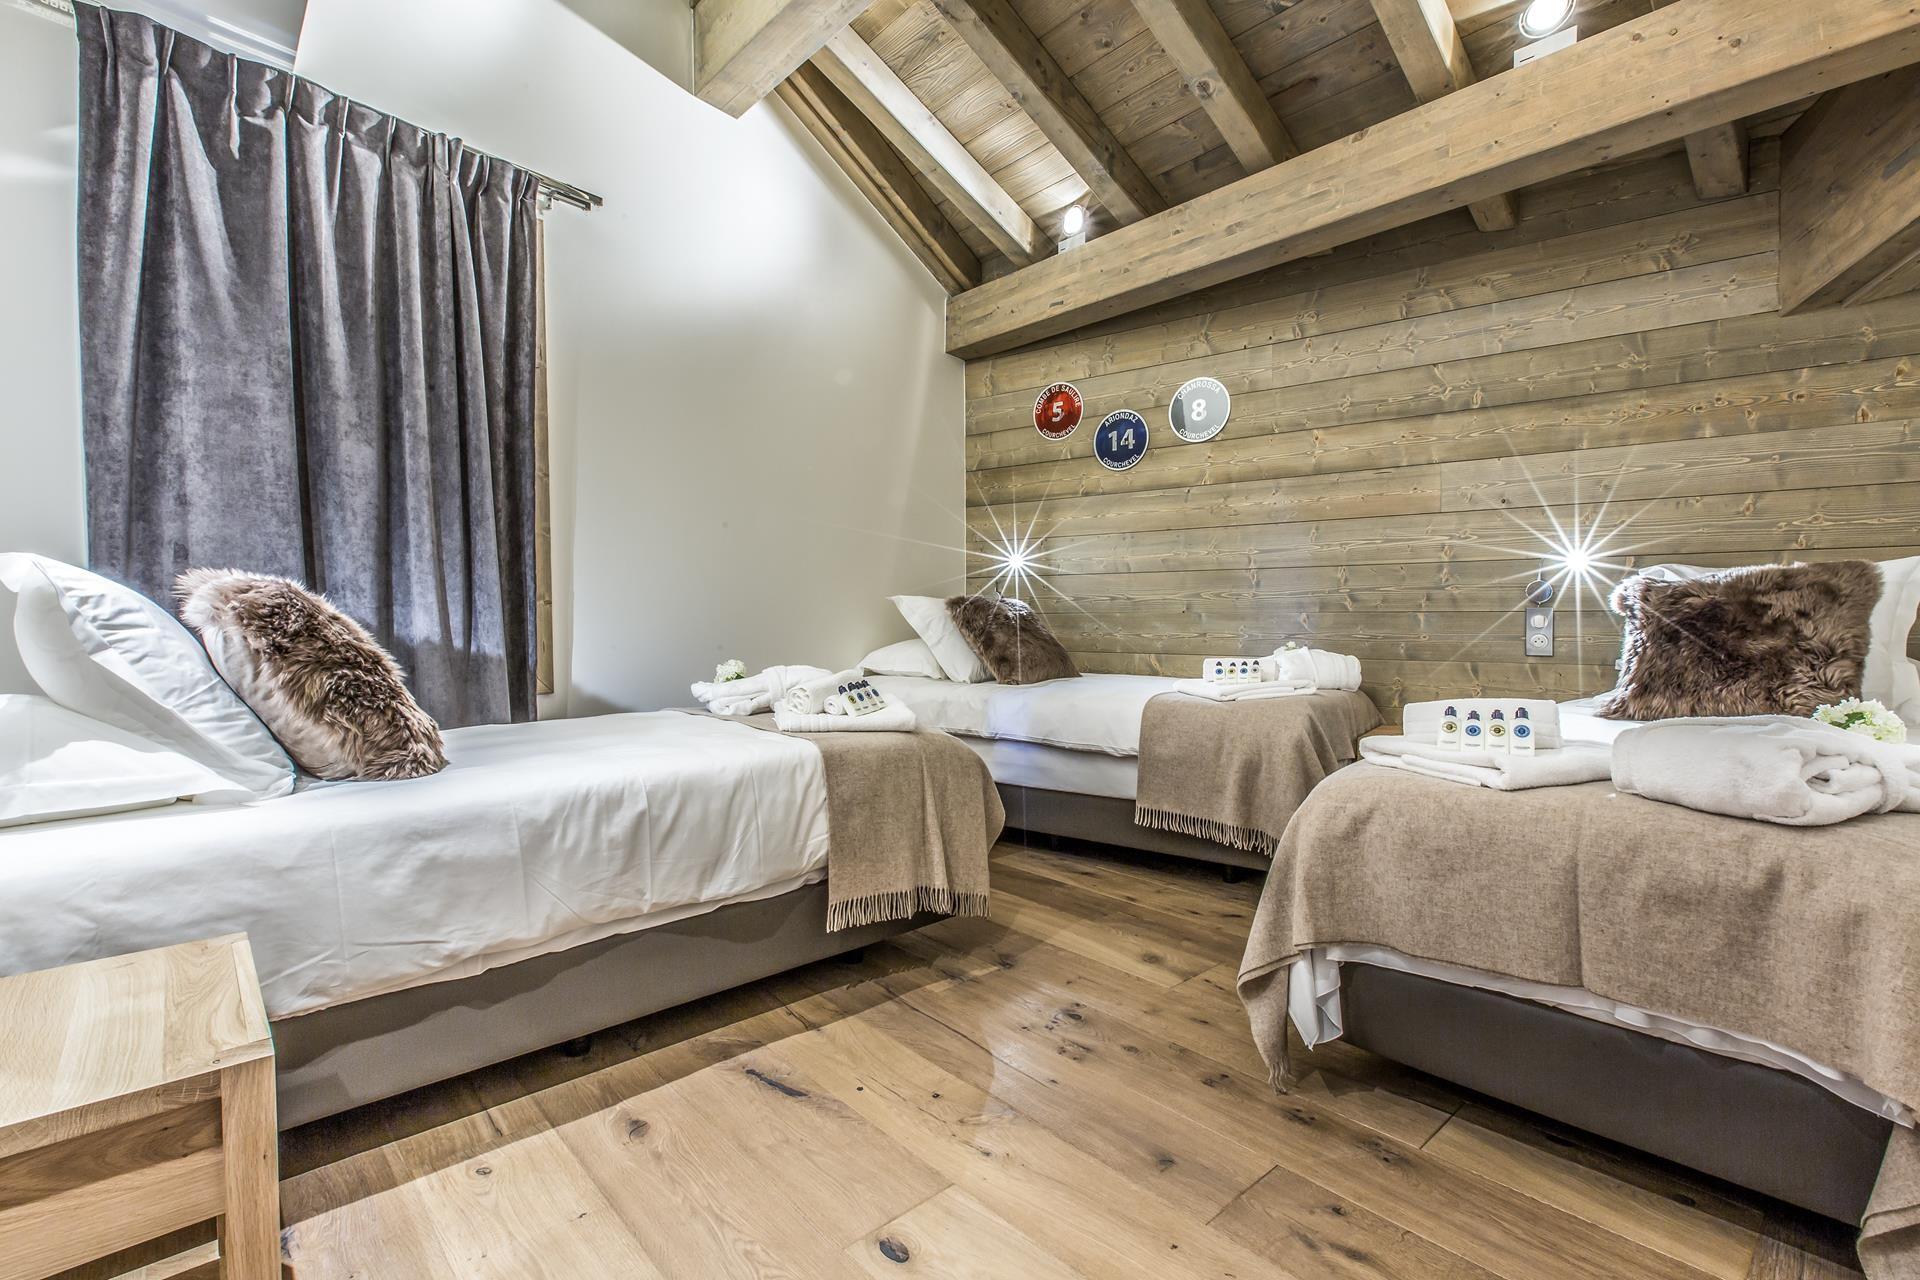 Courchevel 1650 Location Appartement Luxe Akorlonte Chambre 3